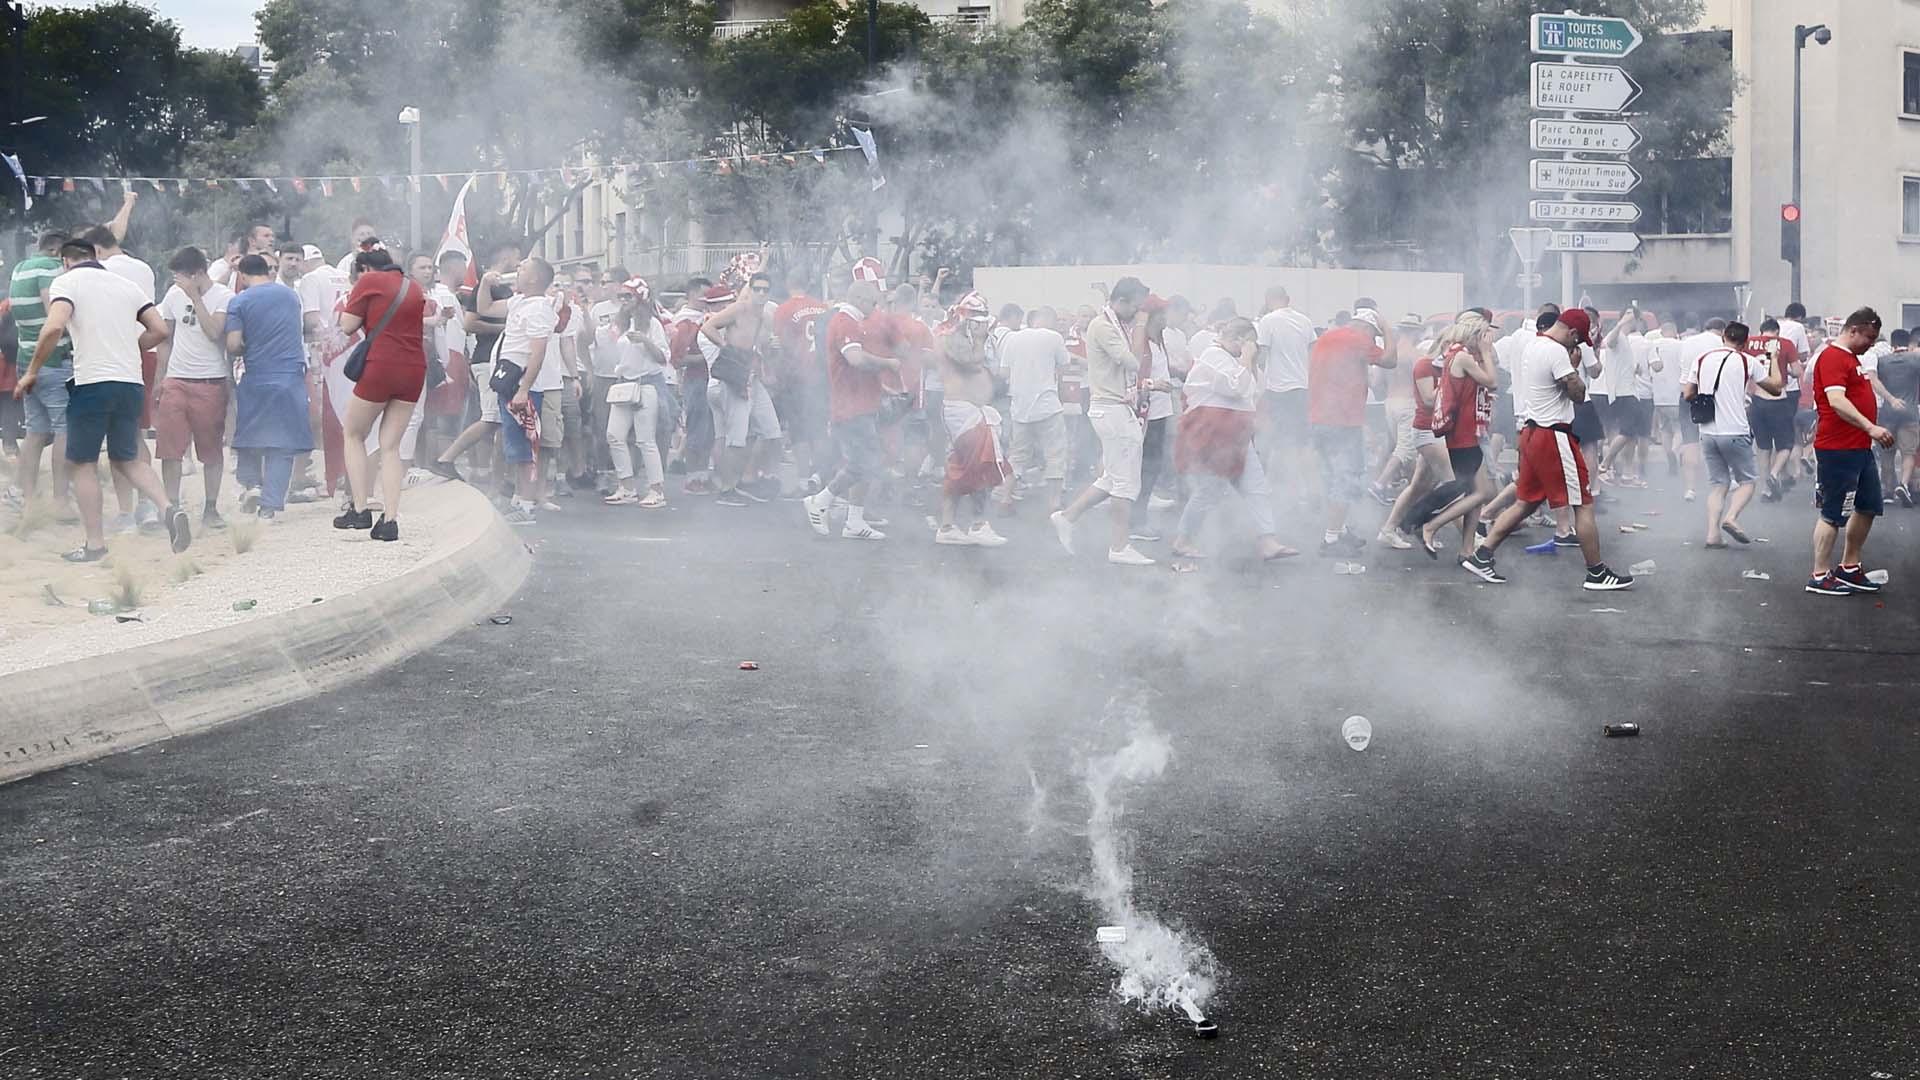 Autoridades utilizaron gas lacrimógeno para controlar nuevos enfrentamientos registrados antes del Polonia vs Ucrania